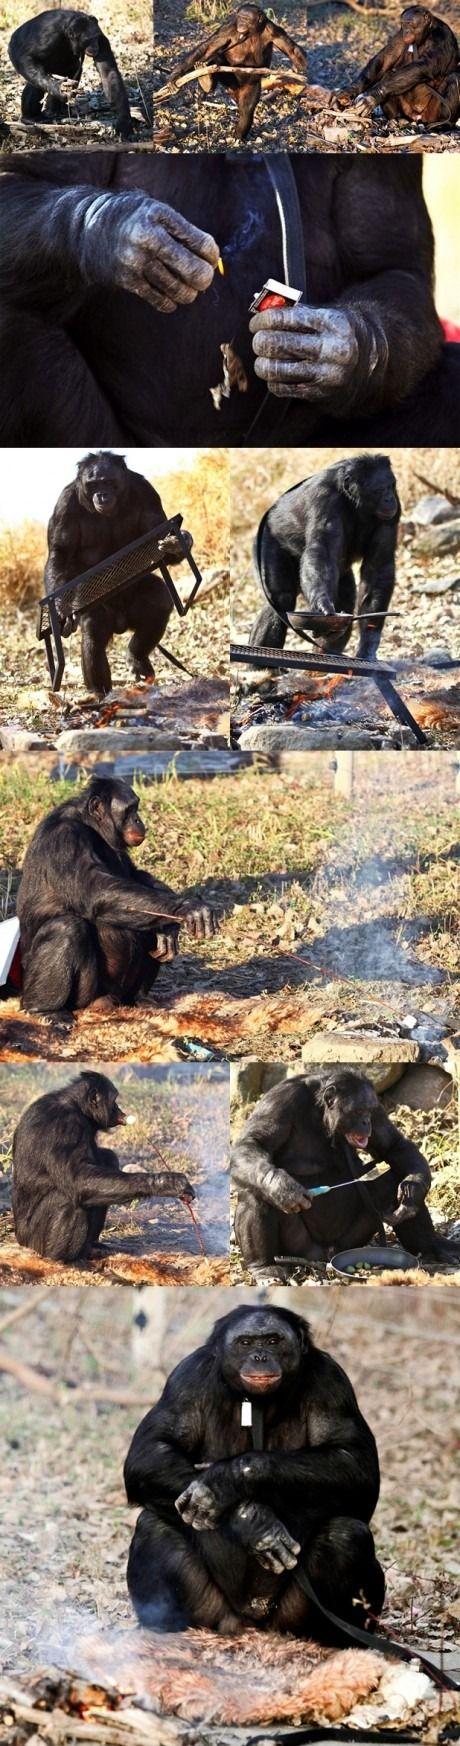 Bare en chimpanse belysning en brand og madlavning et